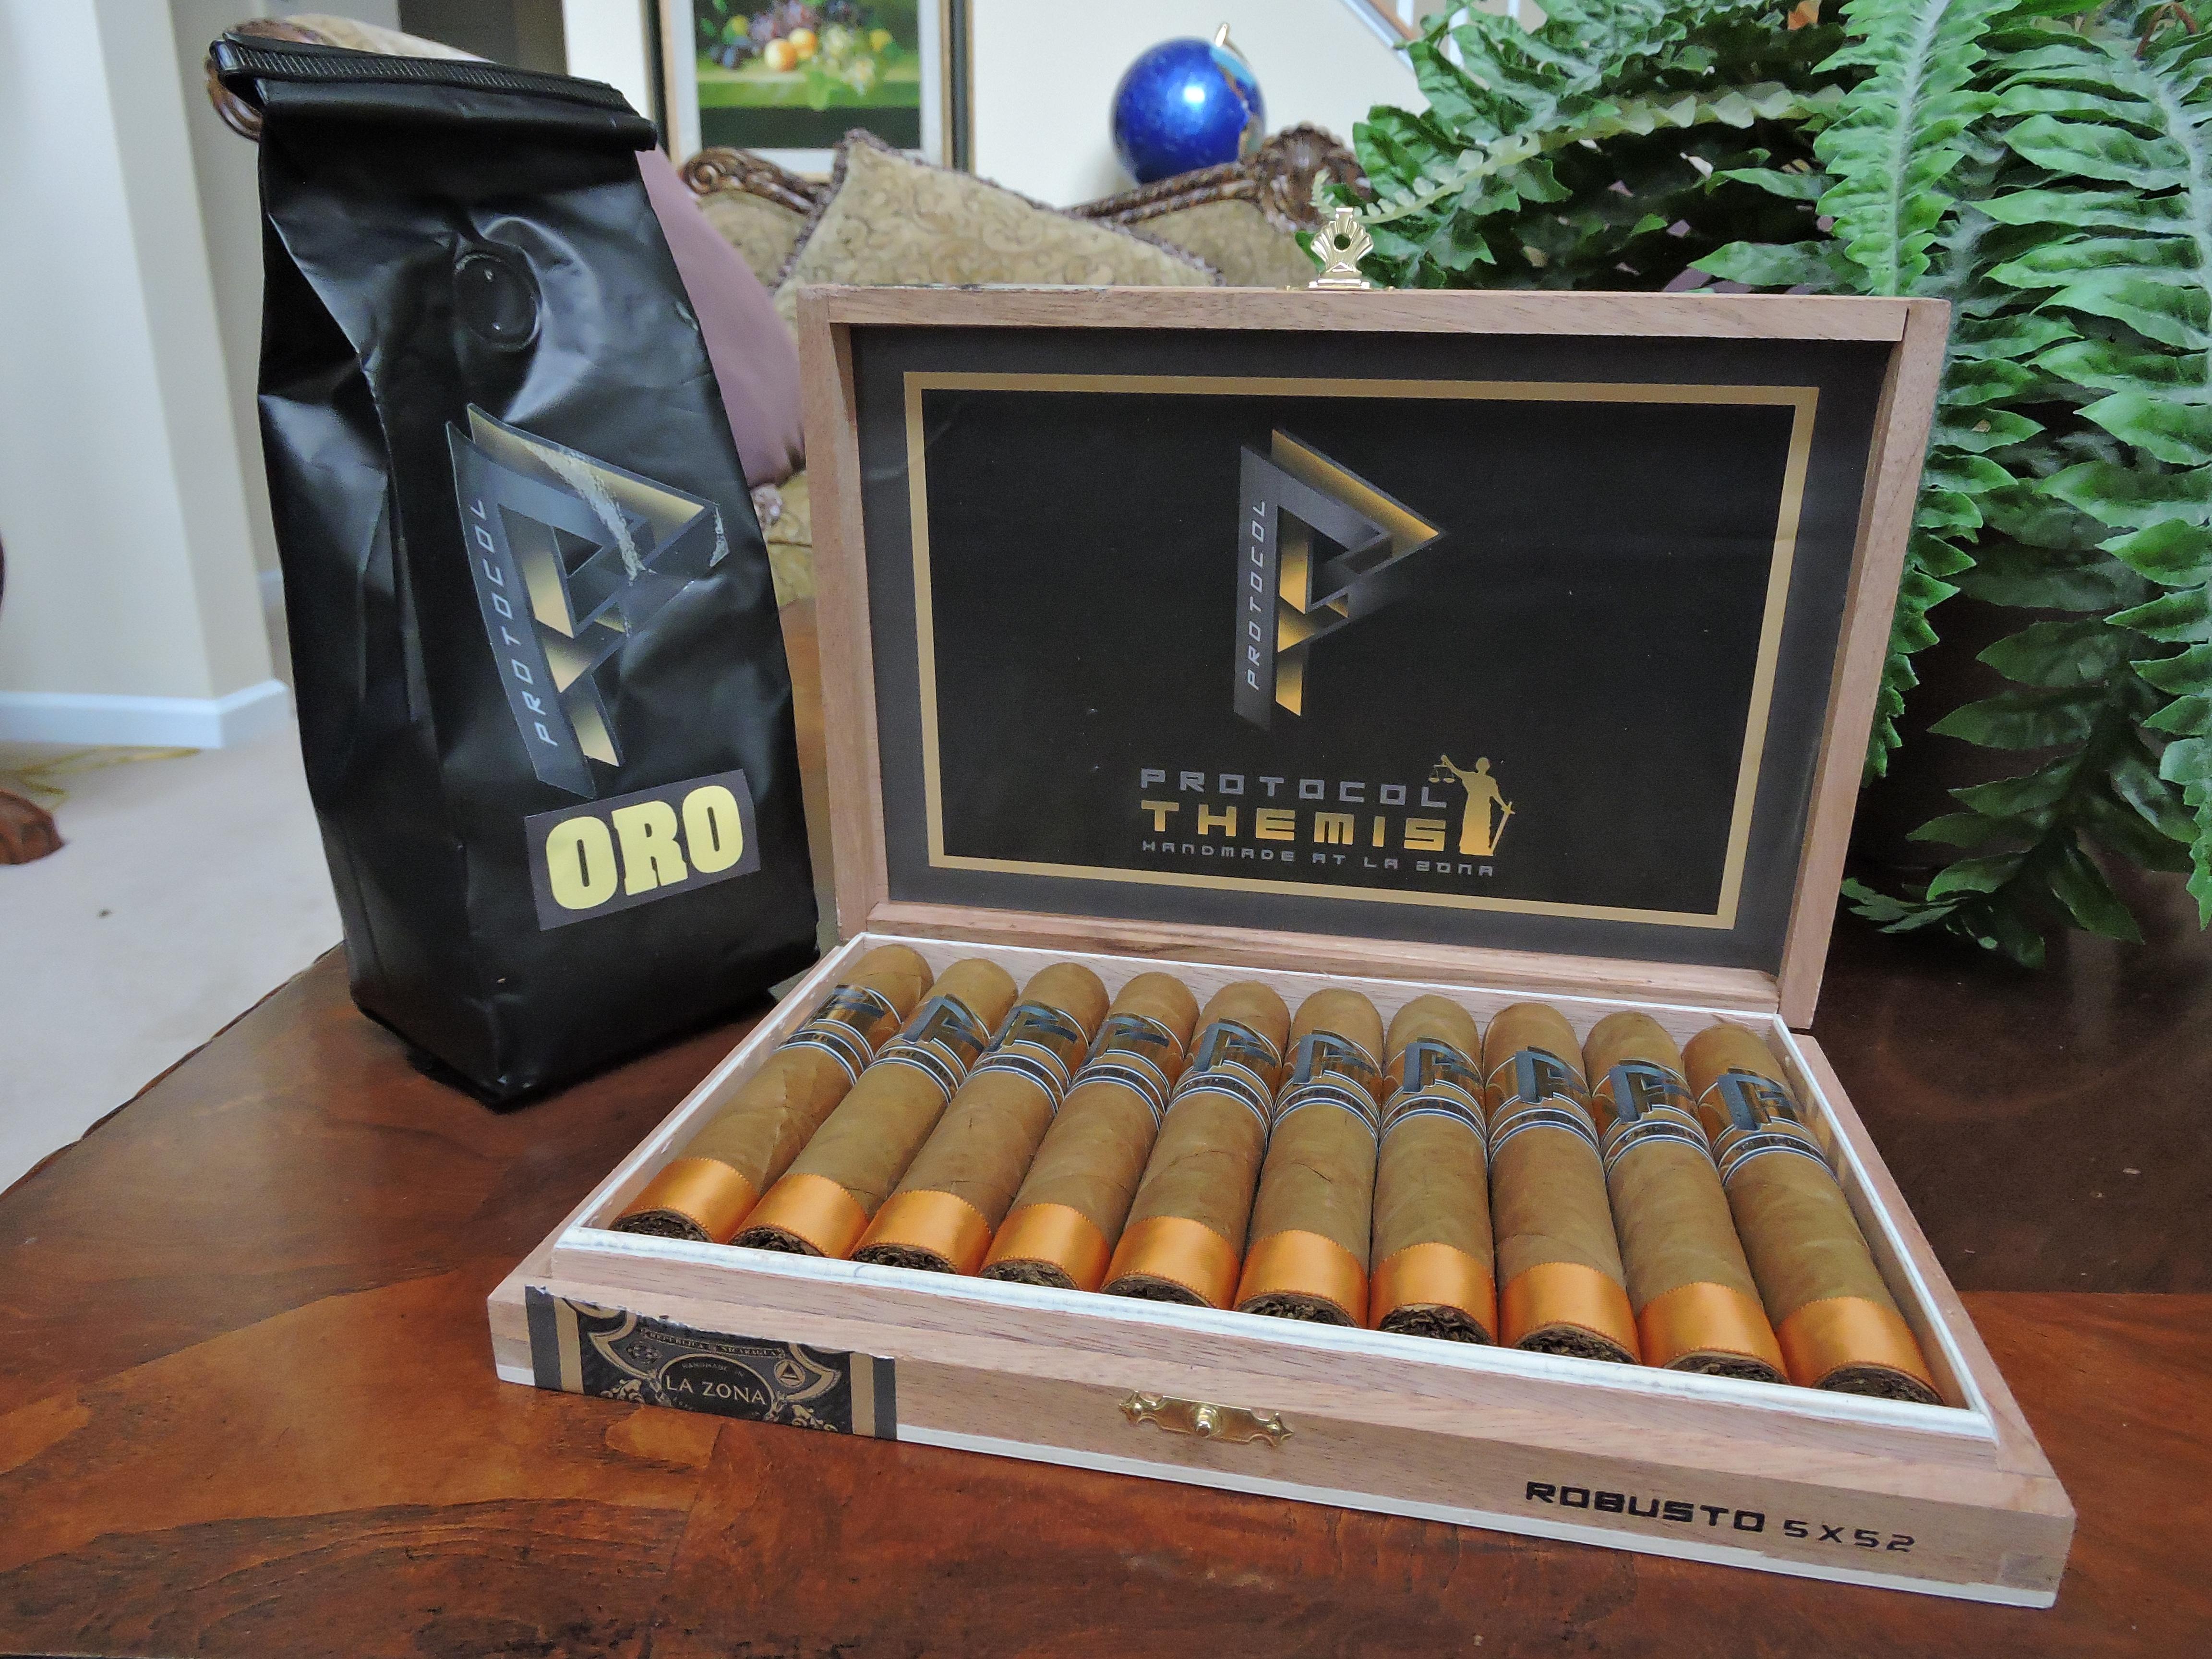 Protocol Themis Robusto Box and Oro Coffee Bag